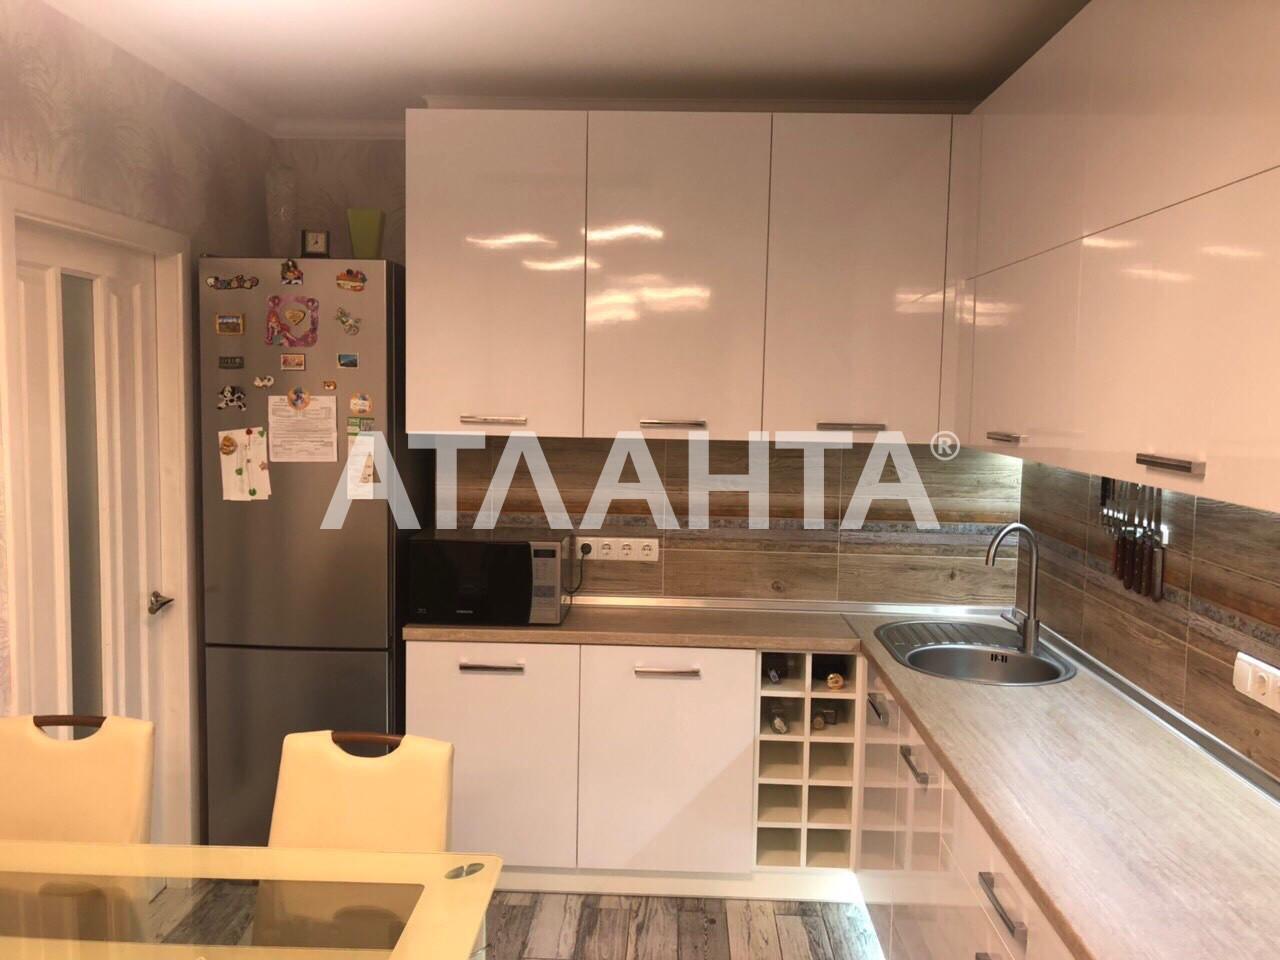 Продается 2-комнатная Квартира на ул. Сахарова — 63 000 у.е. (фото №4)